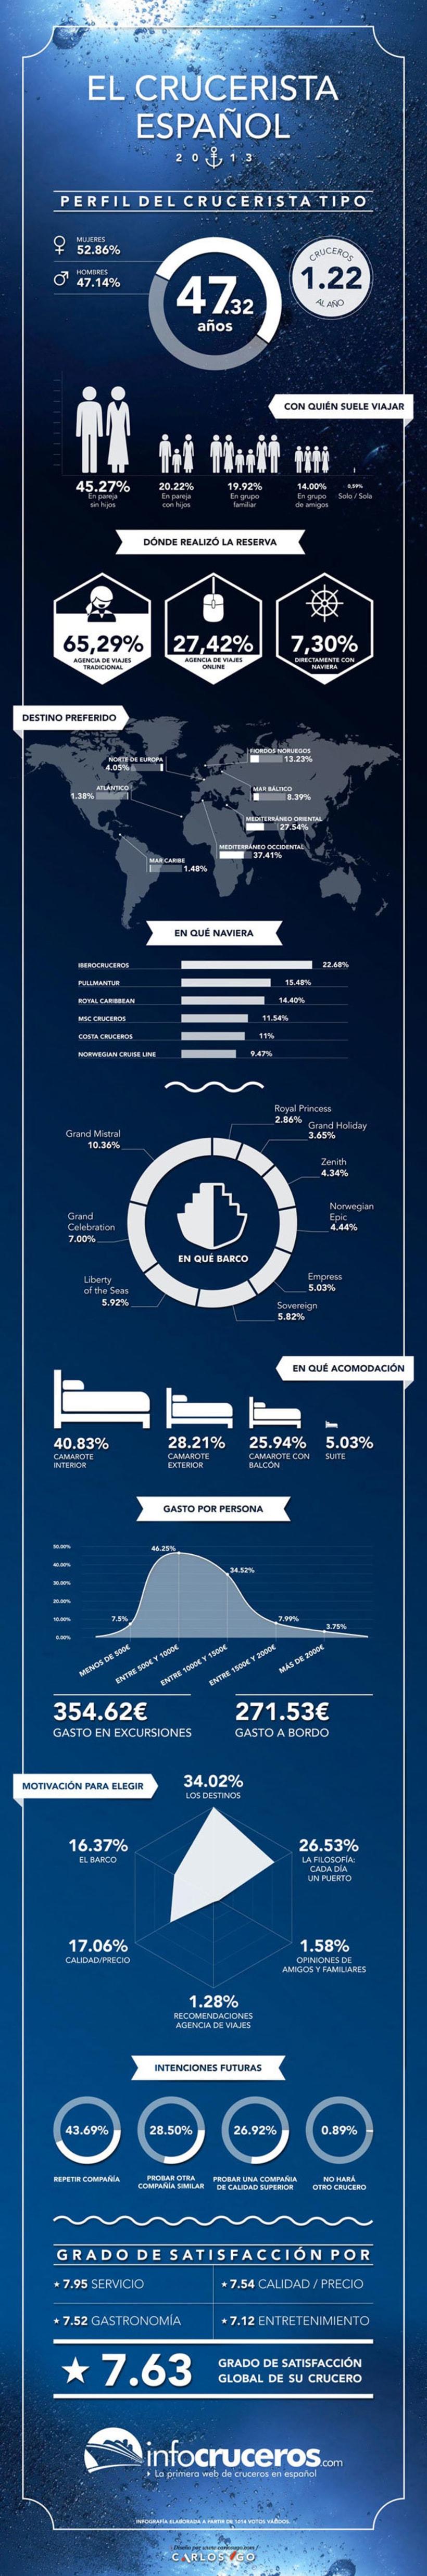 Infografía El Crucerista Español 2013 1